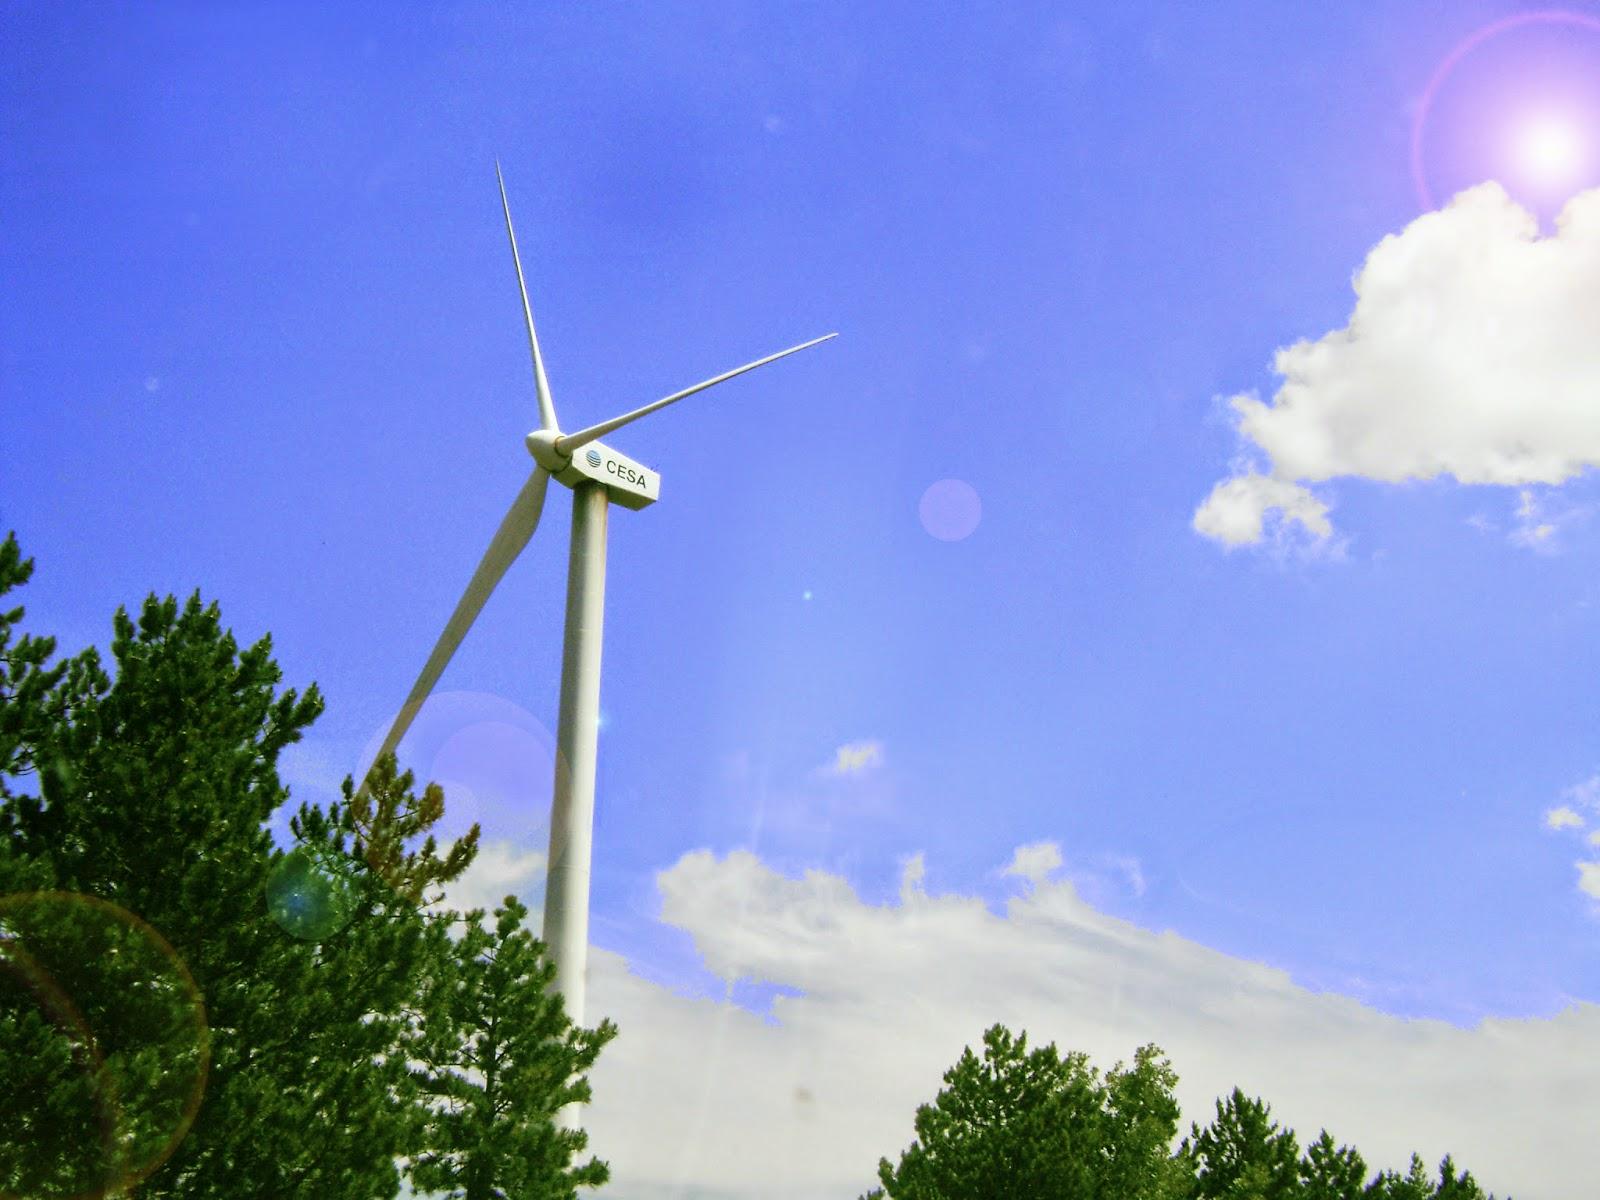 parque eólico, molinillo, energía limpia, ecología